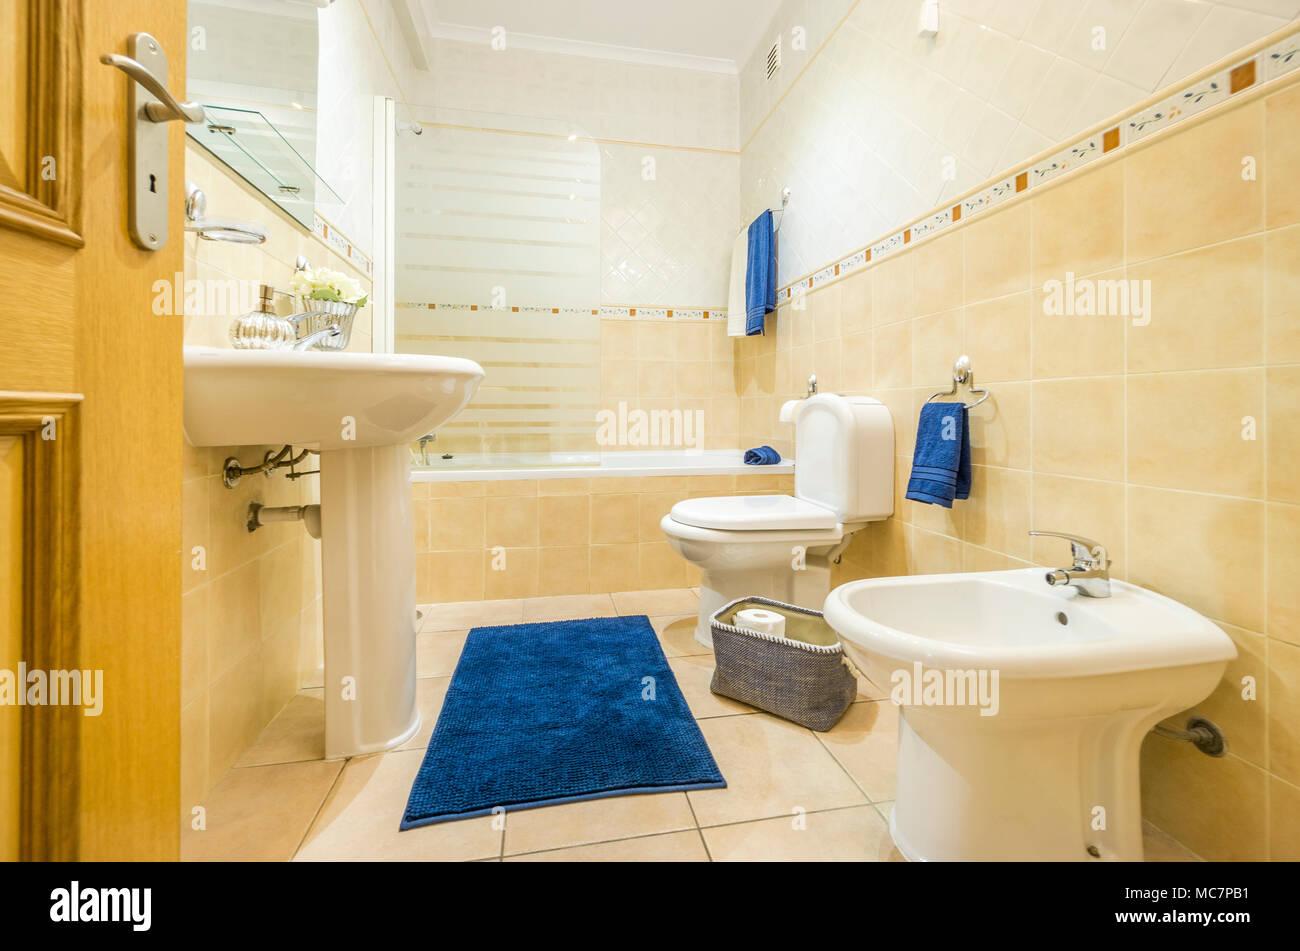 salle de bains classique dans des couleurs chaudes avec des serviettes et tapis bleu - Salle De Bain Classique